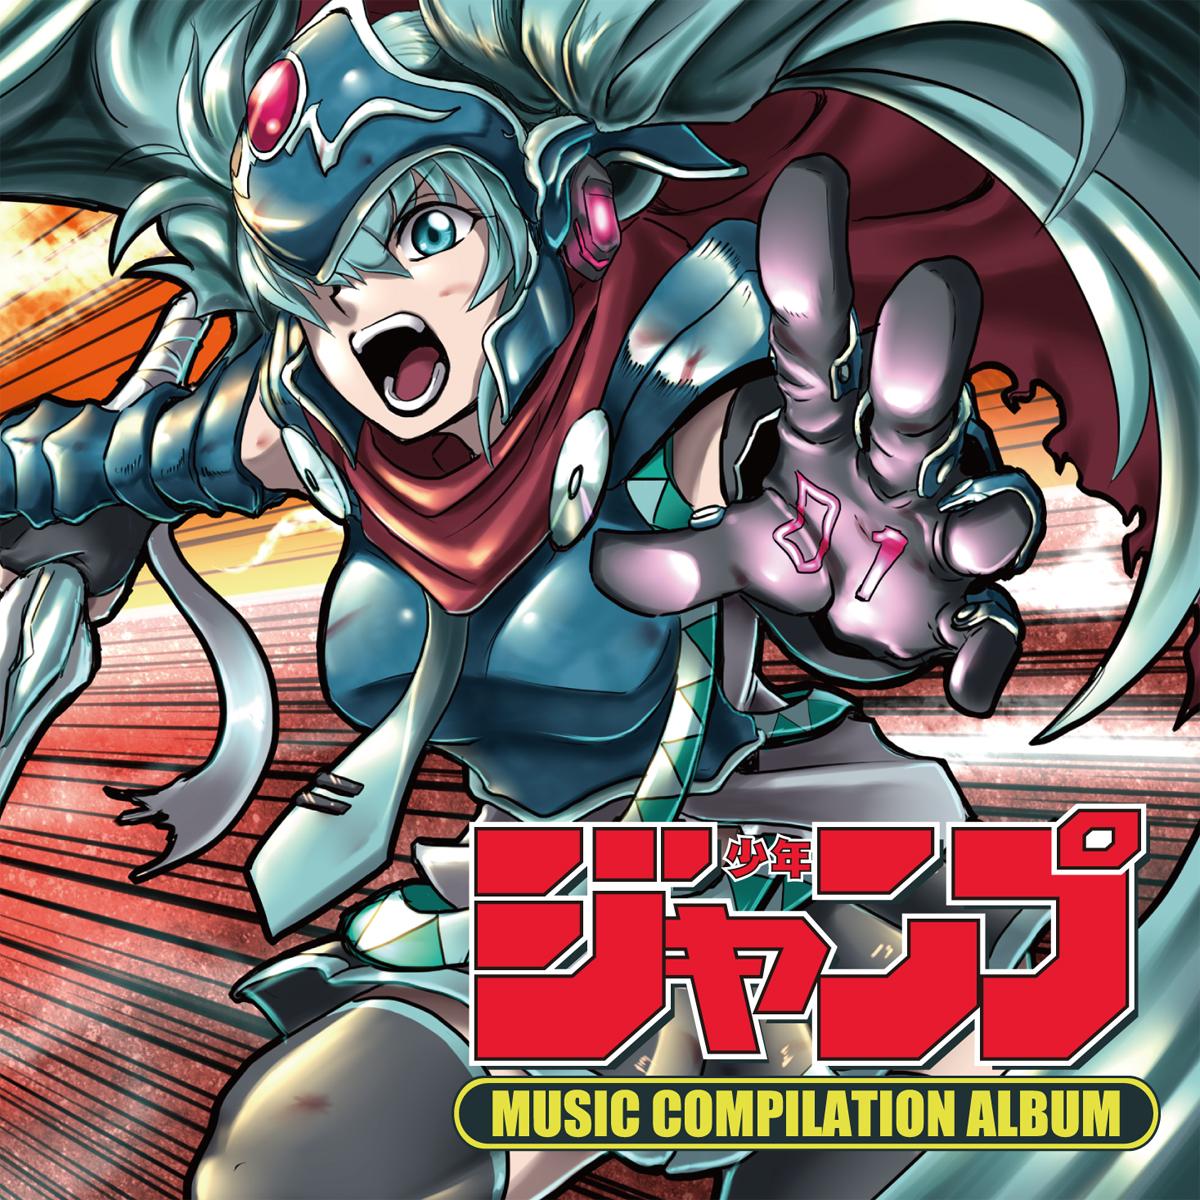 少年ジャンプMusic Compilation創刊号